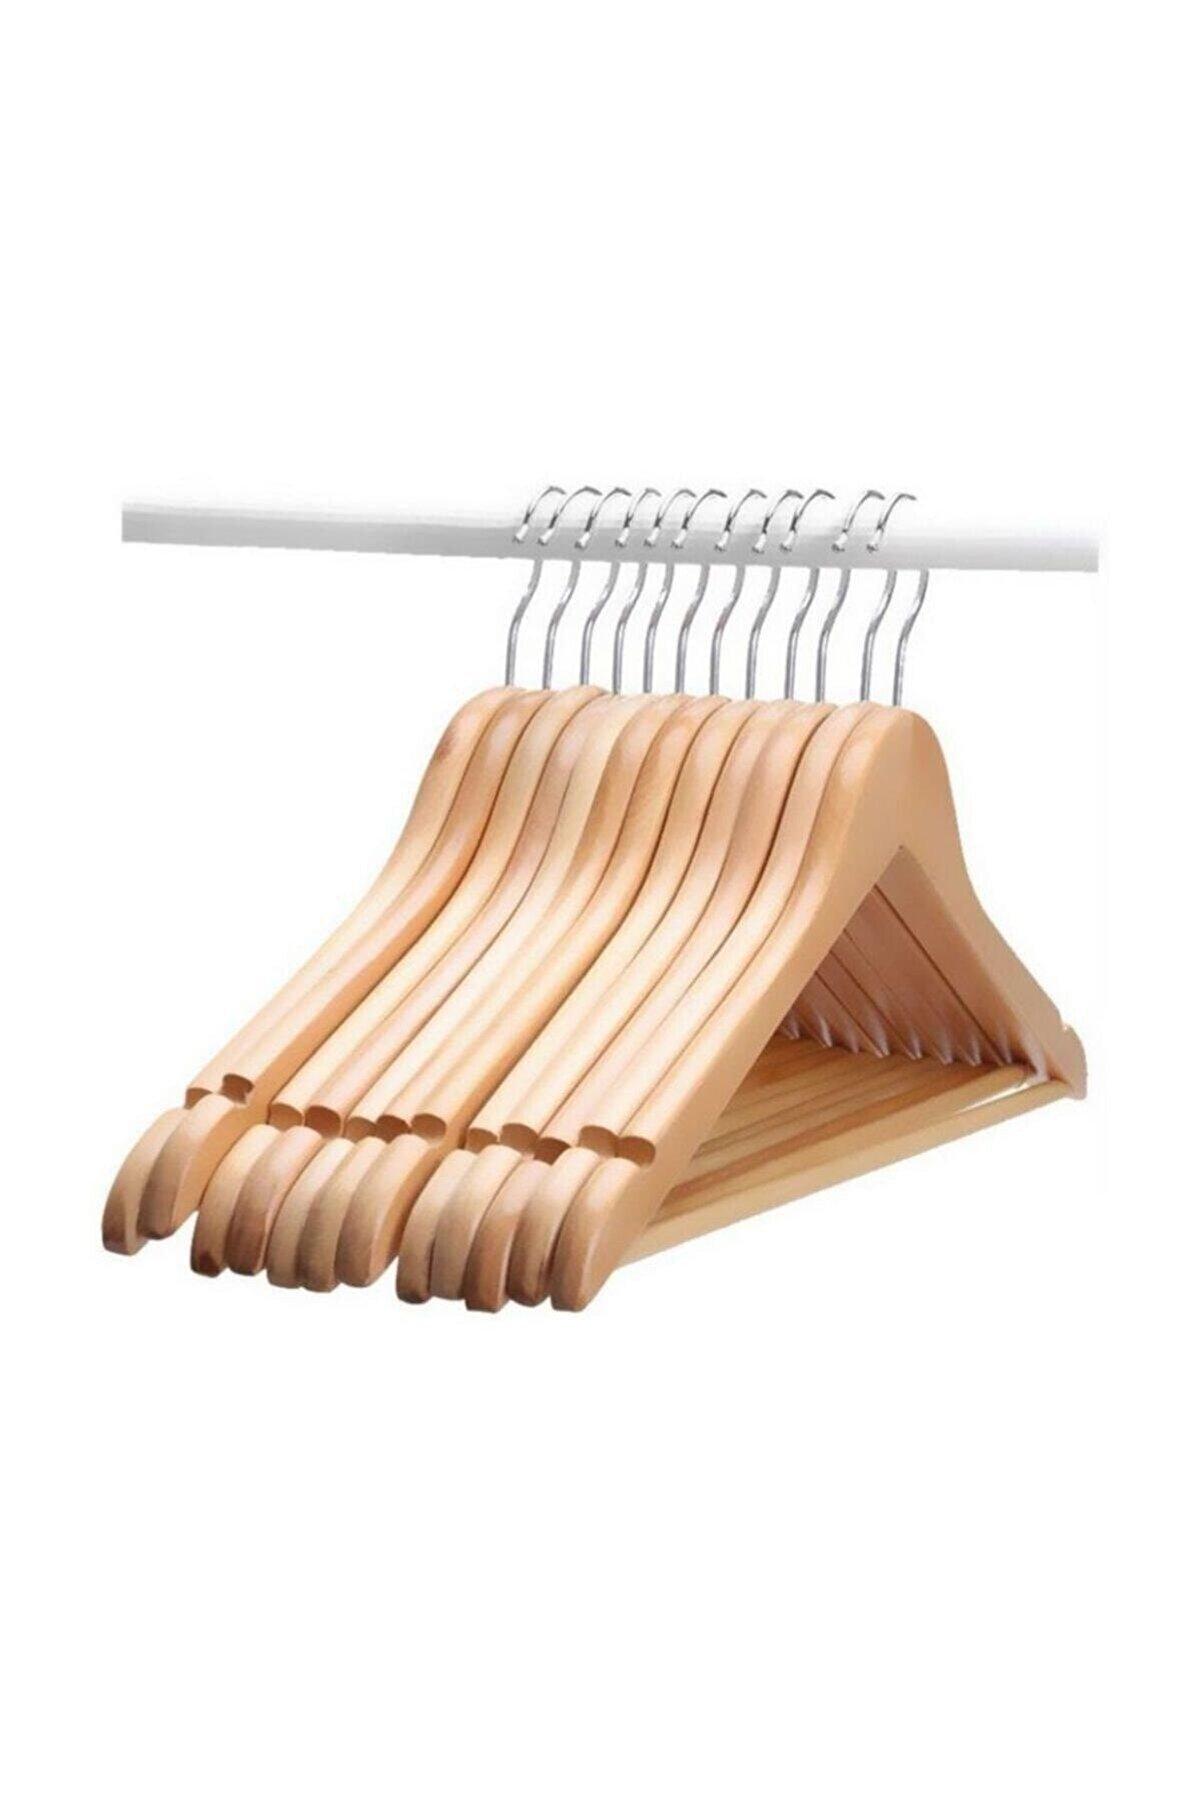 grafen Elbise Askısı Ahşap Kıyafet Askılık 12 Adet Vernikli